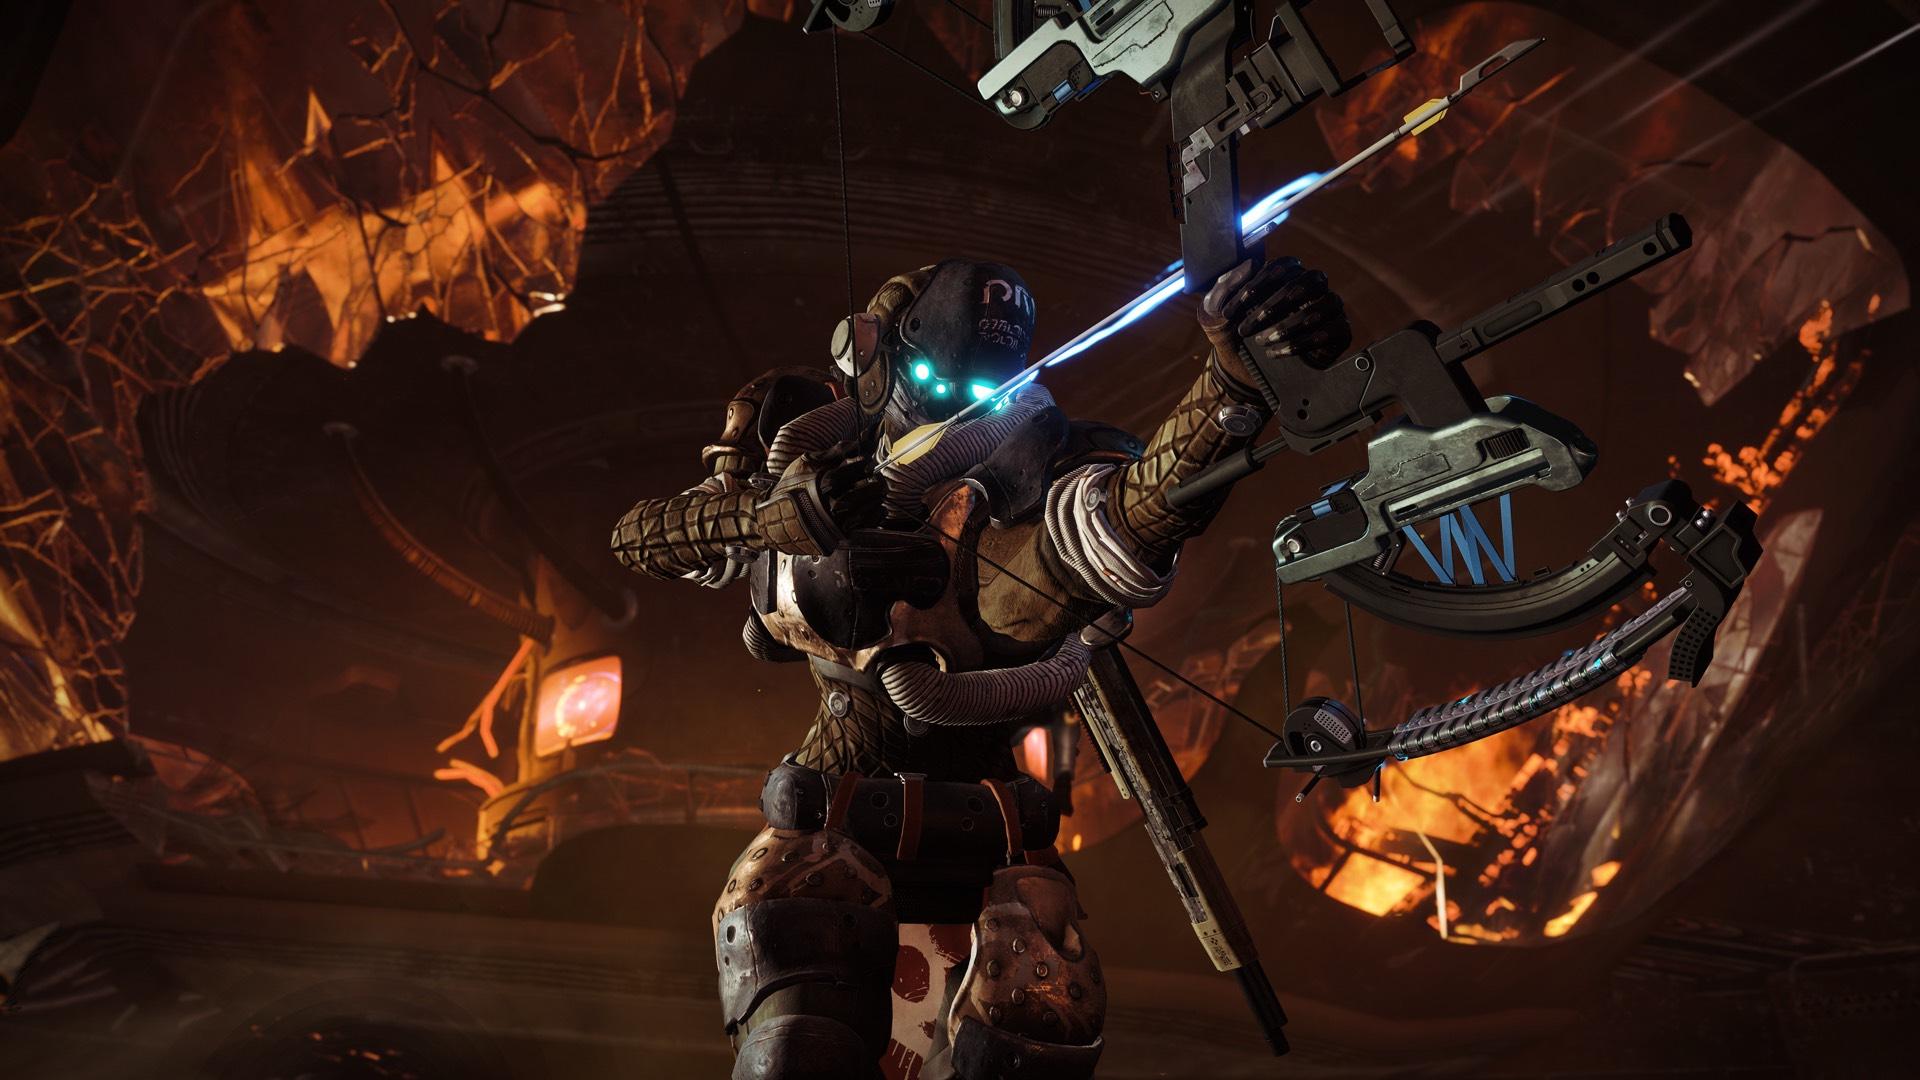 Destiny 2: Forsaken bringt neuen Breakthrough-Modus und 4 Maps für PvP